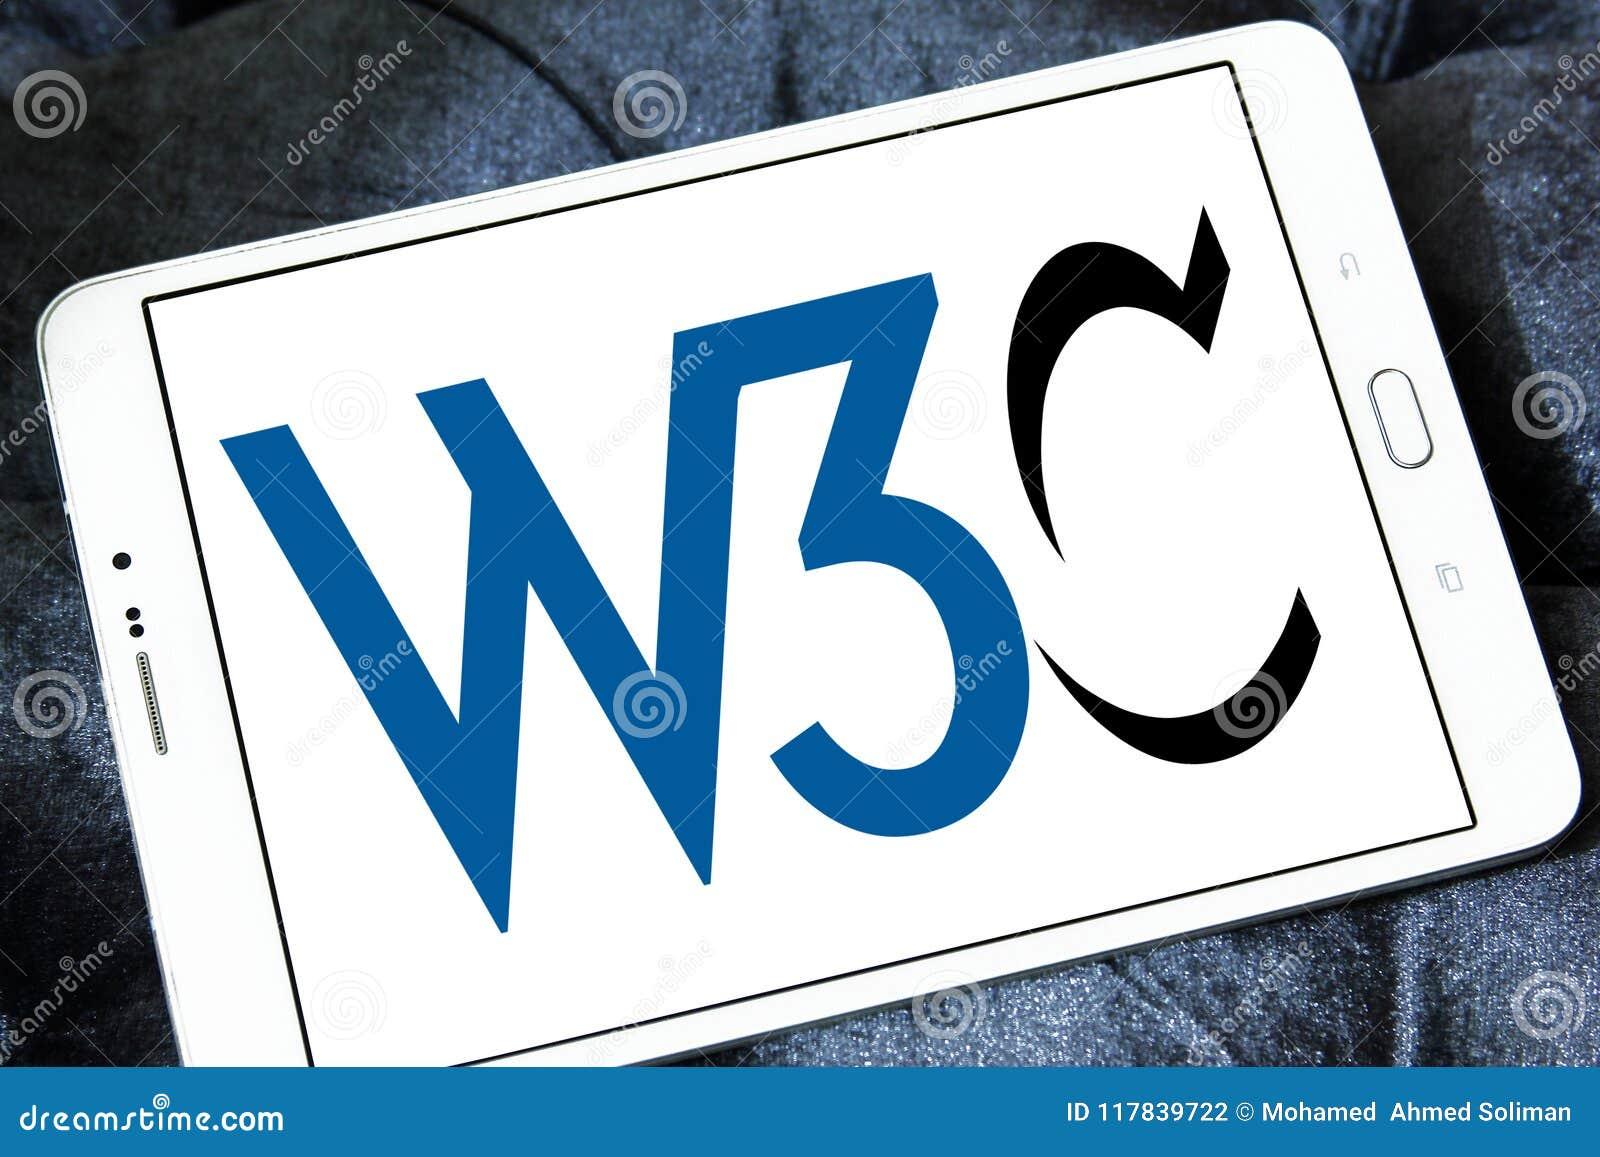 World Wide Web Consortium, W3C, logotipo